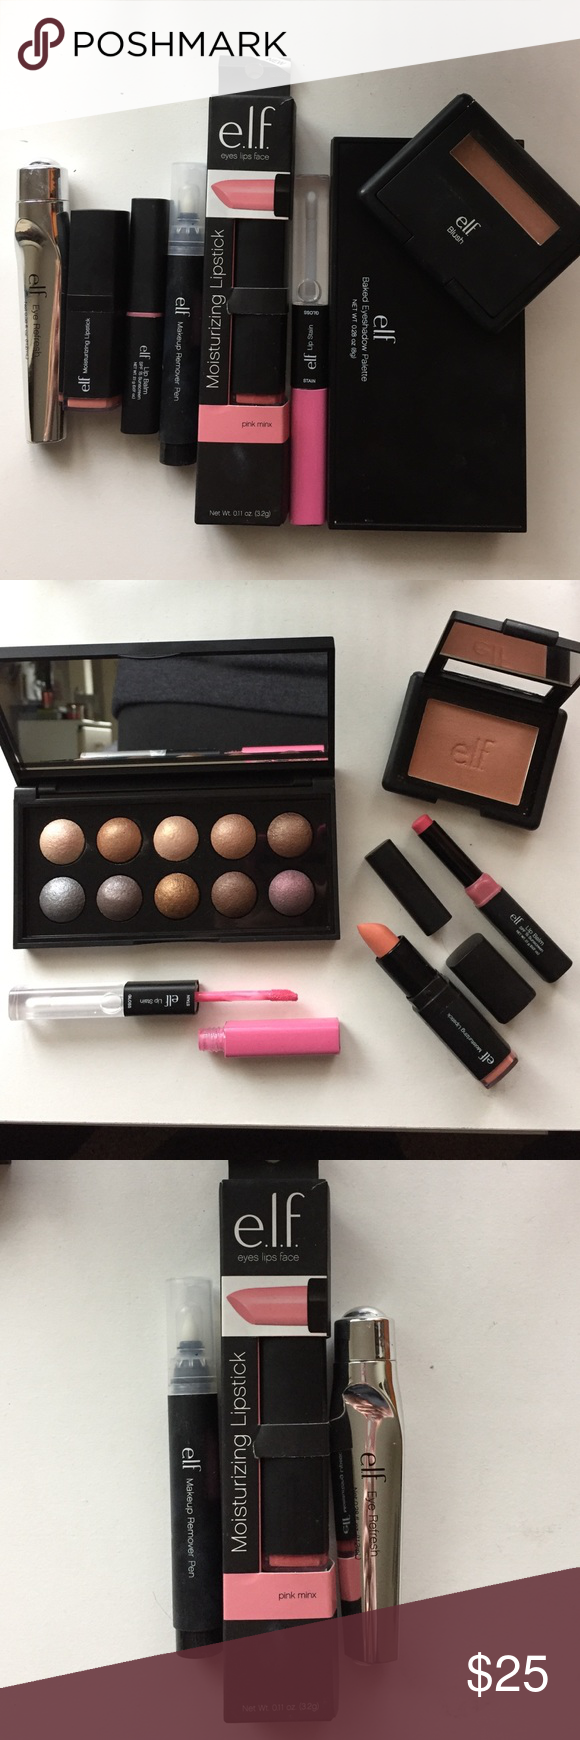 ELF Bundle NWT ELF Moisturizing Lipstick in Pink Minx